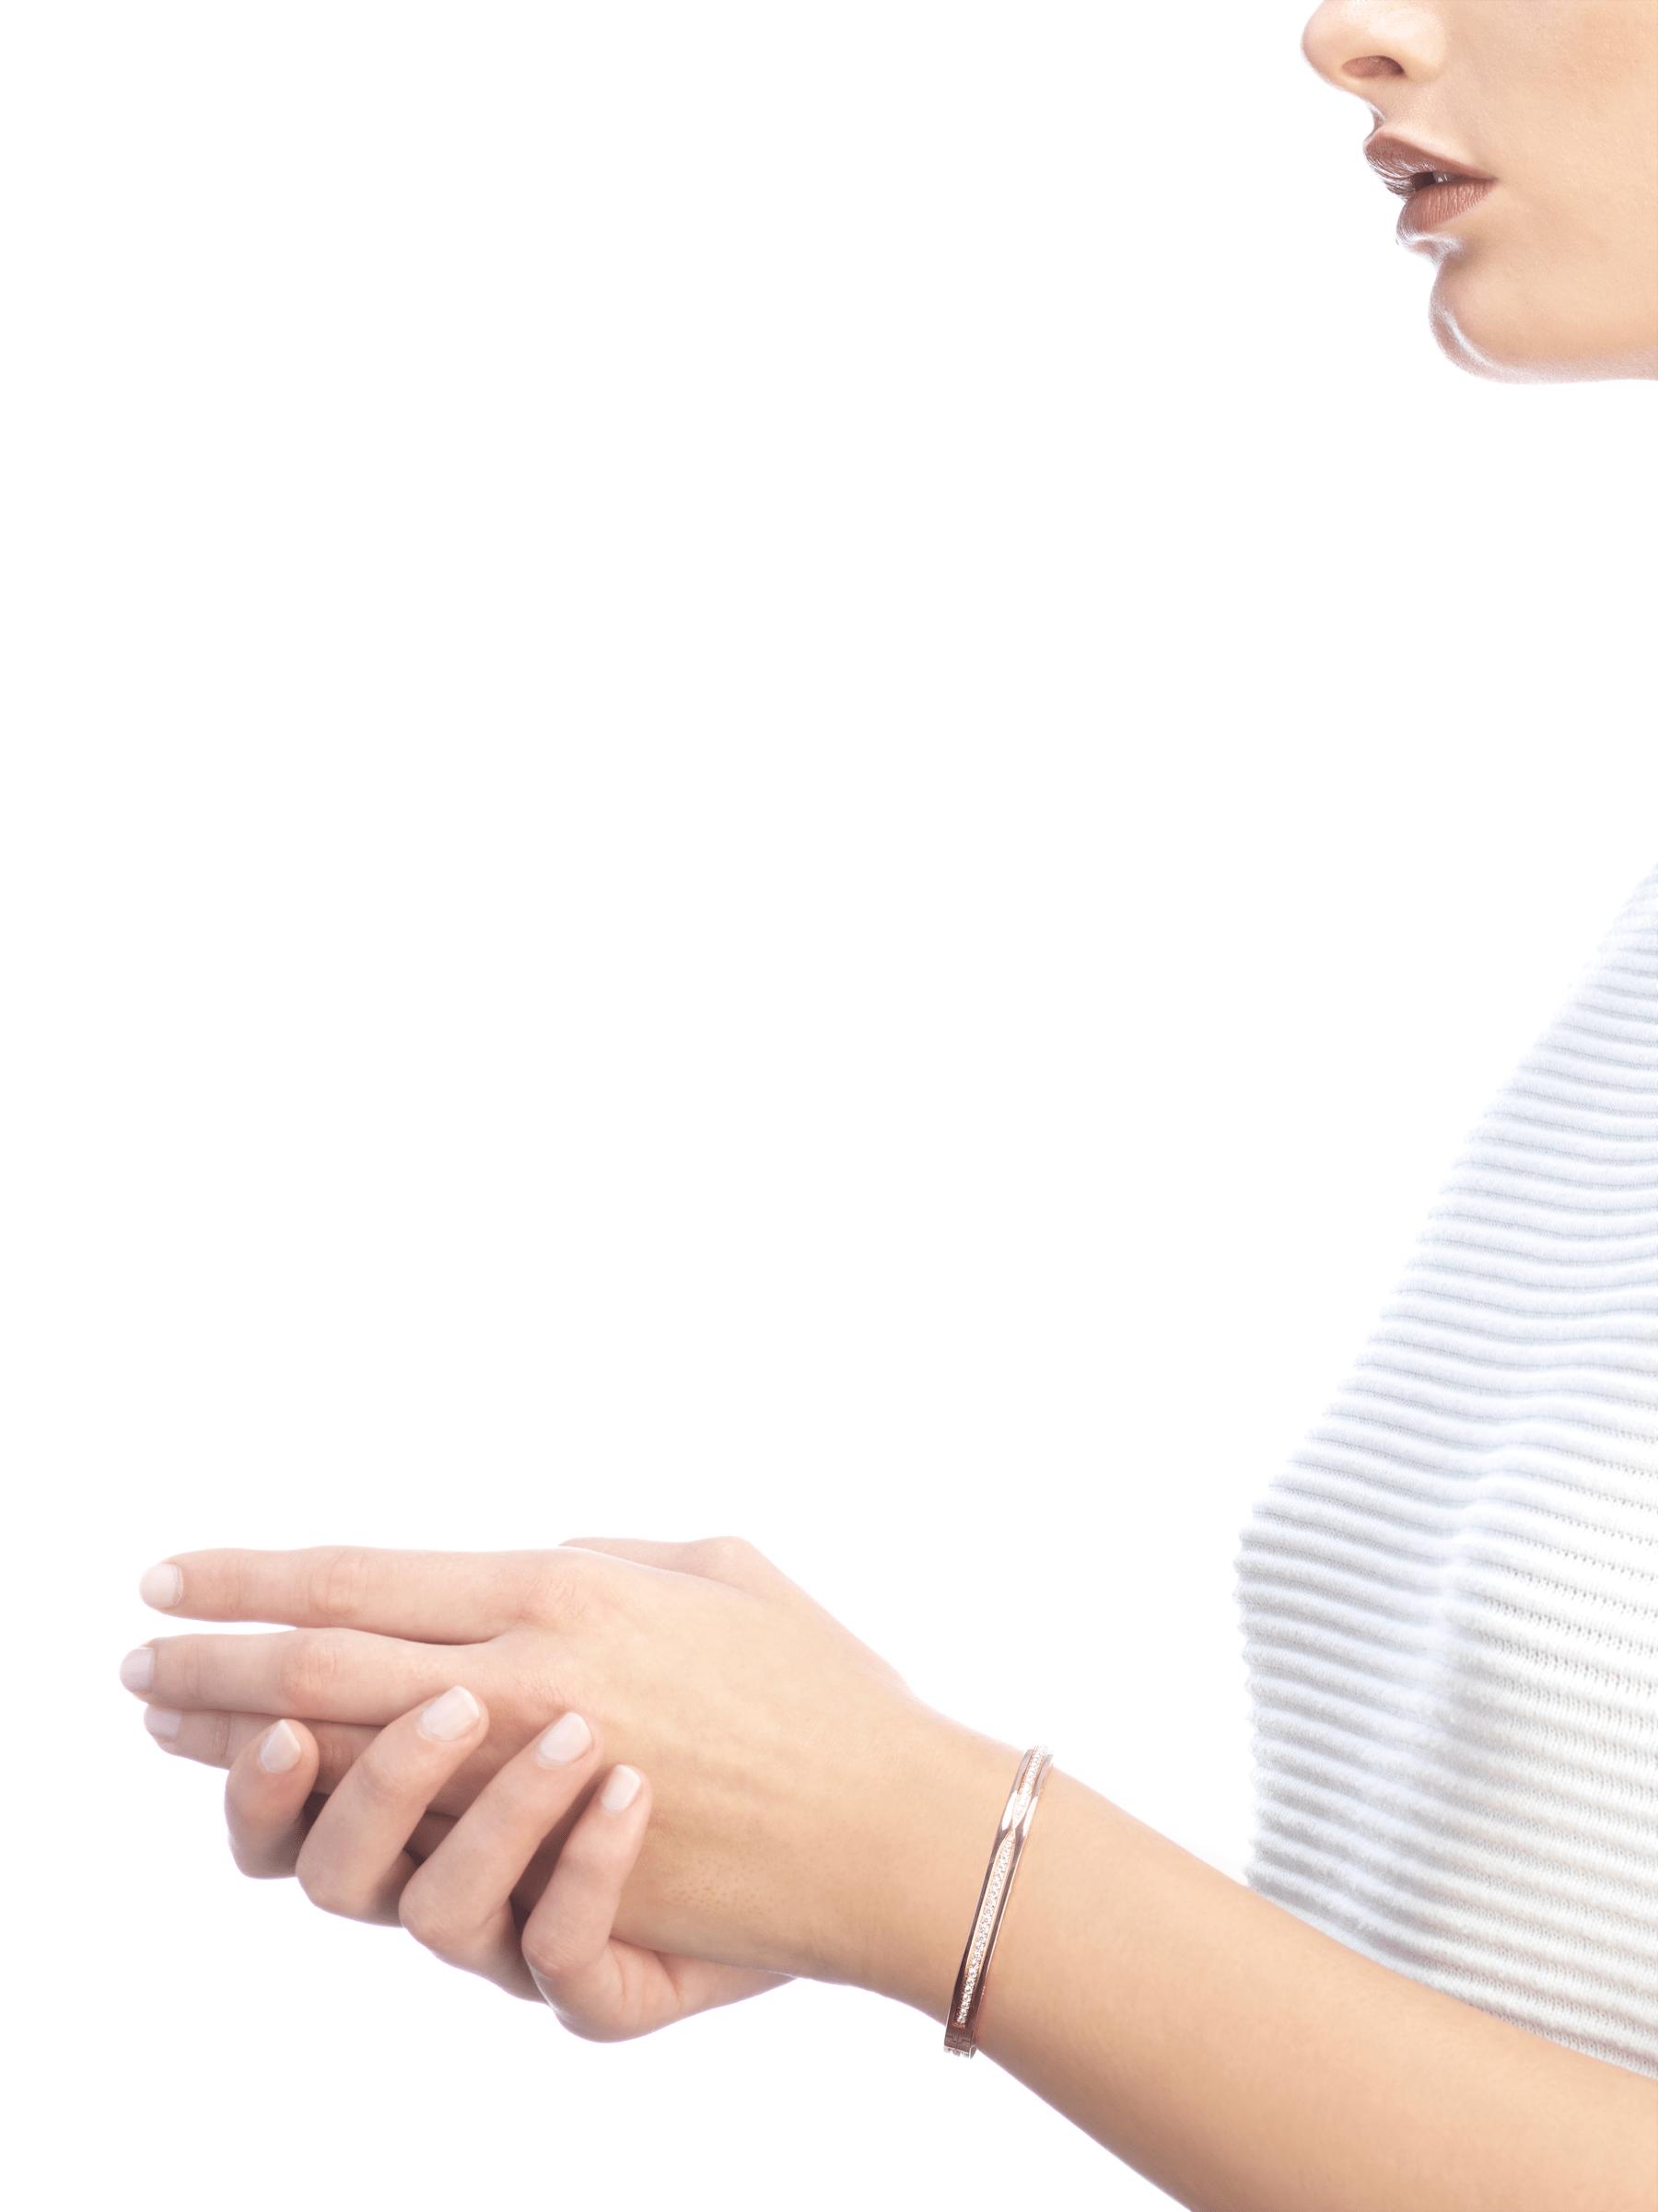 Mêlant spirale emblématique audacieuse et pavé diamants éclatant, le bracelet jonc B.zero1 dévoile une personnalité polyvalente et une élégance contemporaine. BR857372 image 5